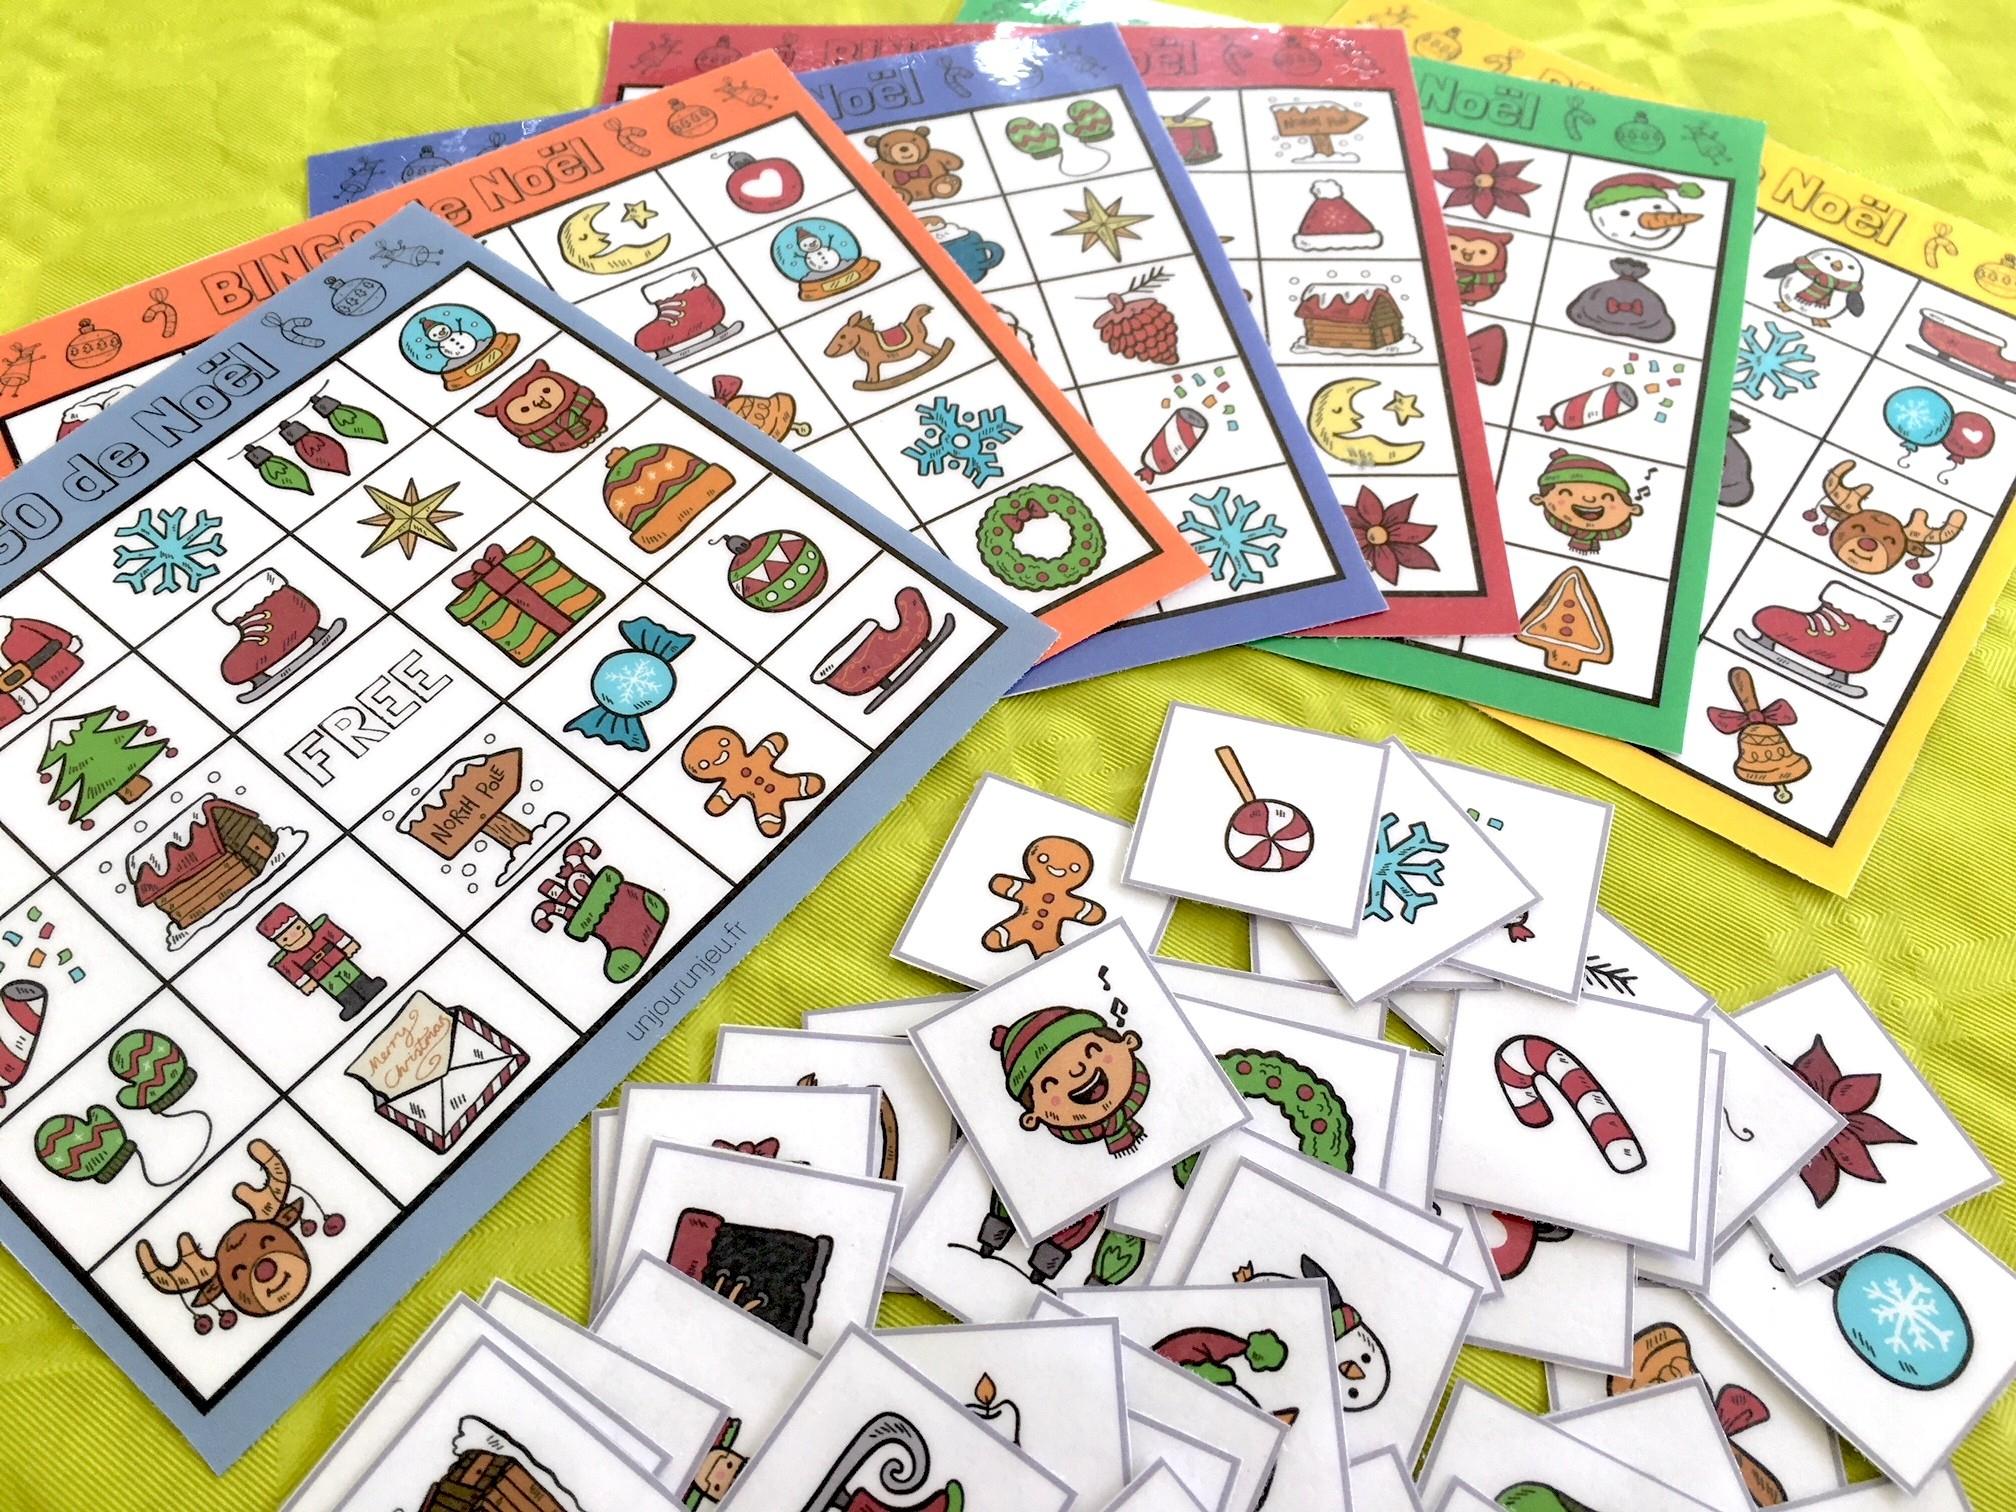 Jeu De Noël : Bingo À Télécharger Gratuitement Pour Vos Enfants encequiconcerne Jeux Gratuits Pour Bebe De 3 Ans